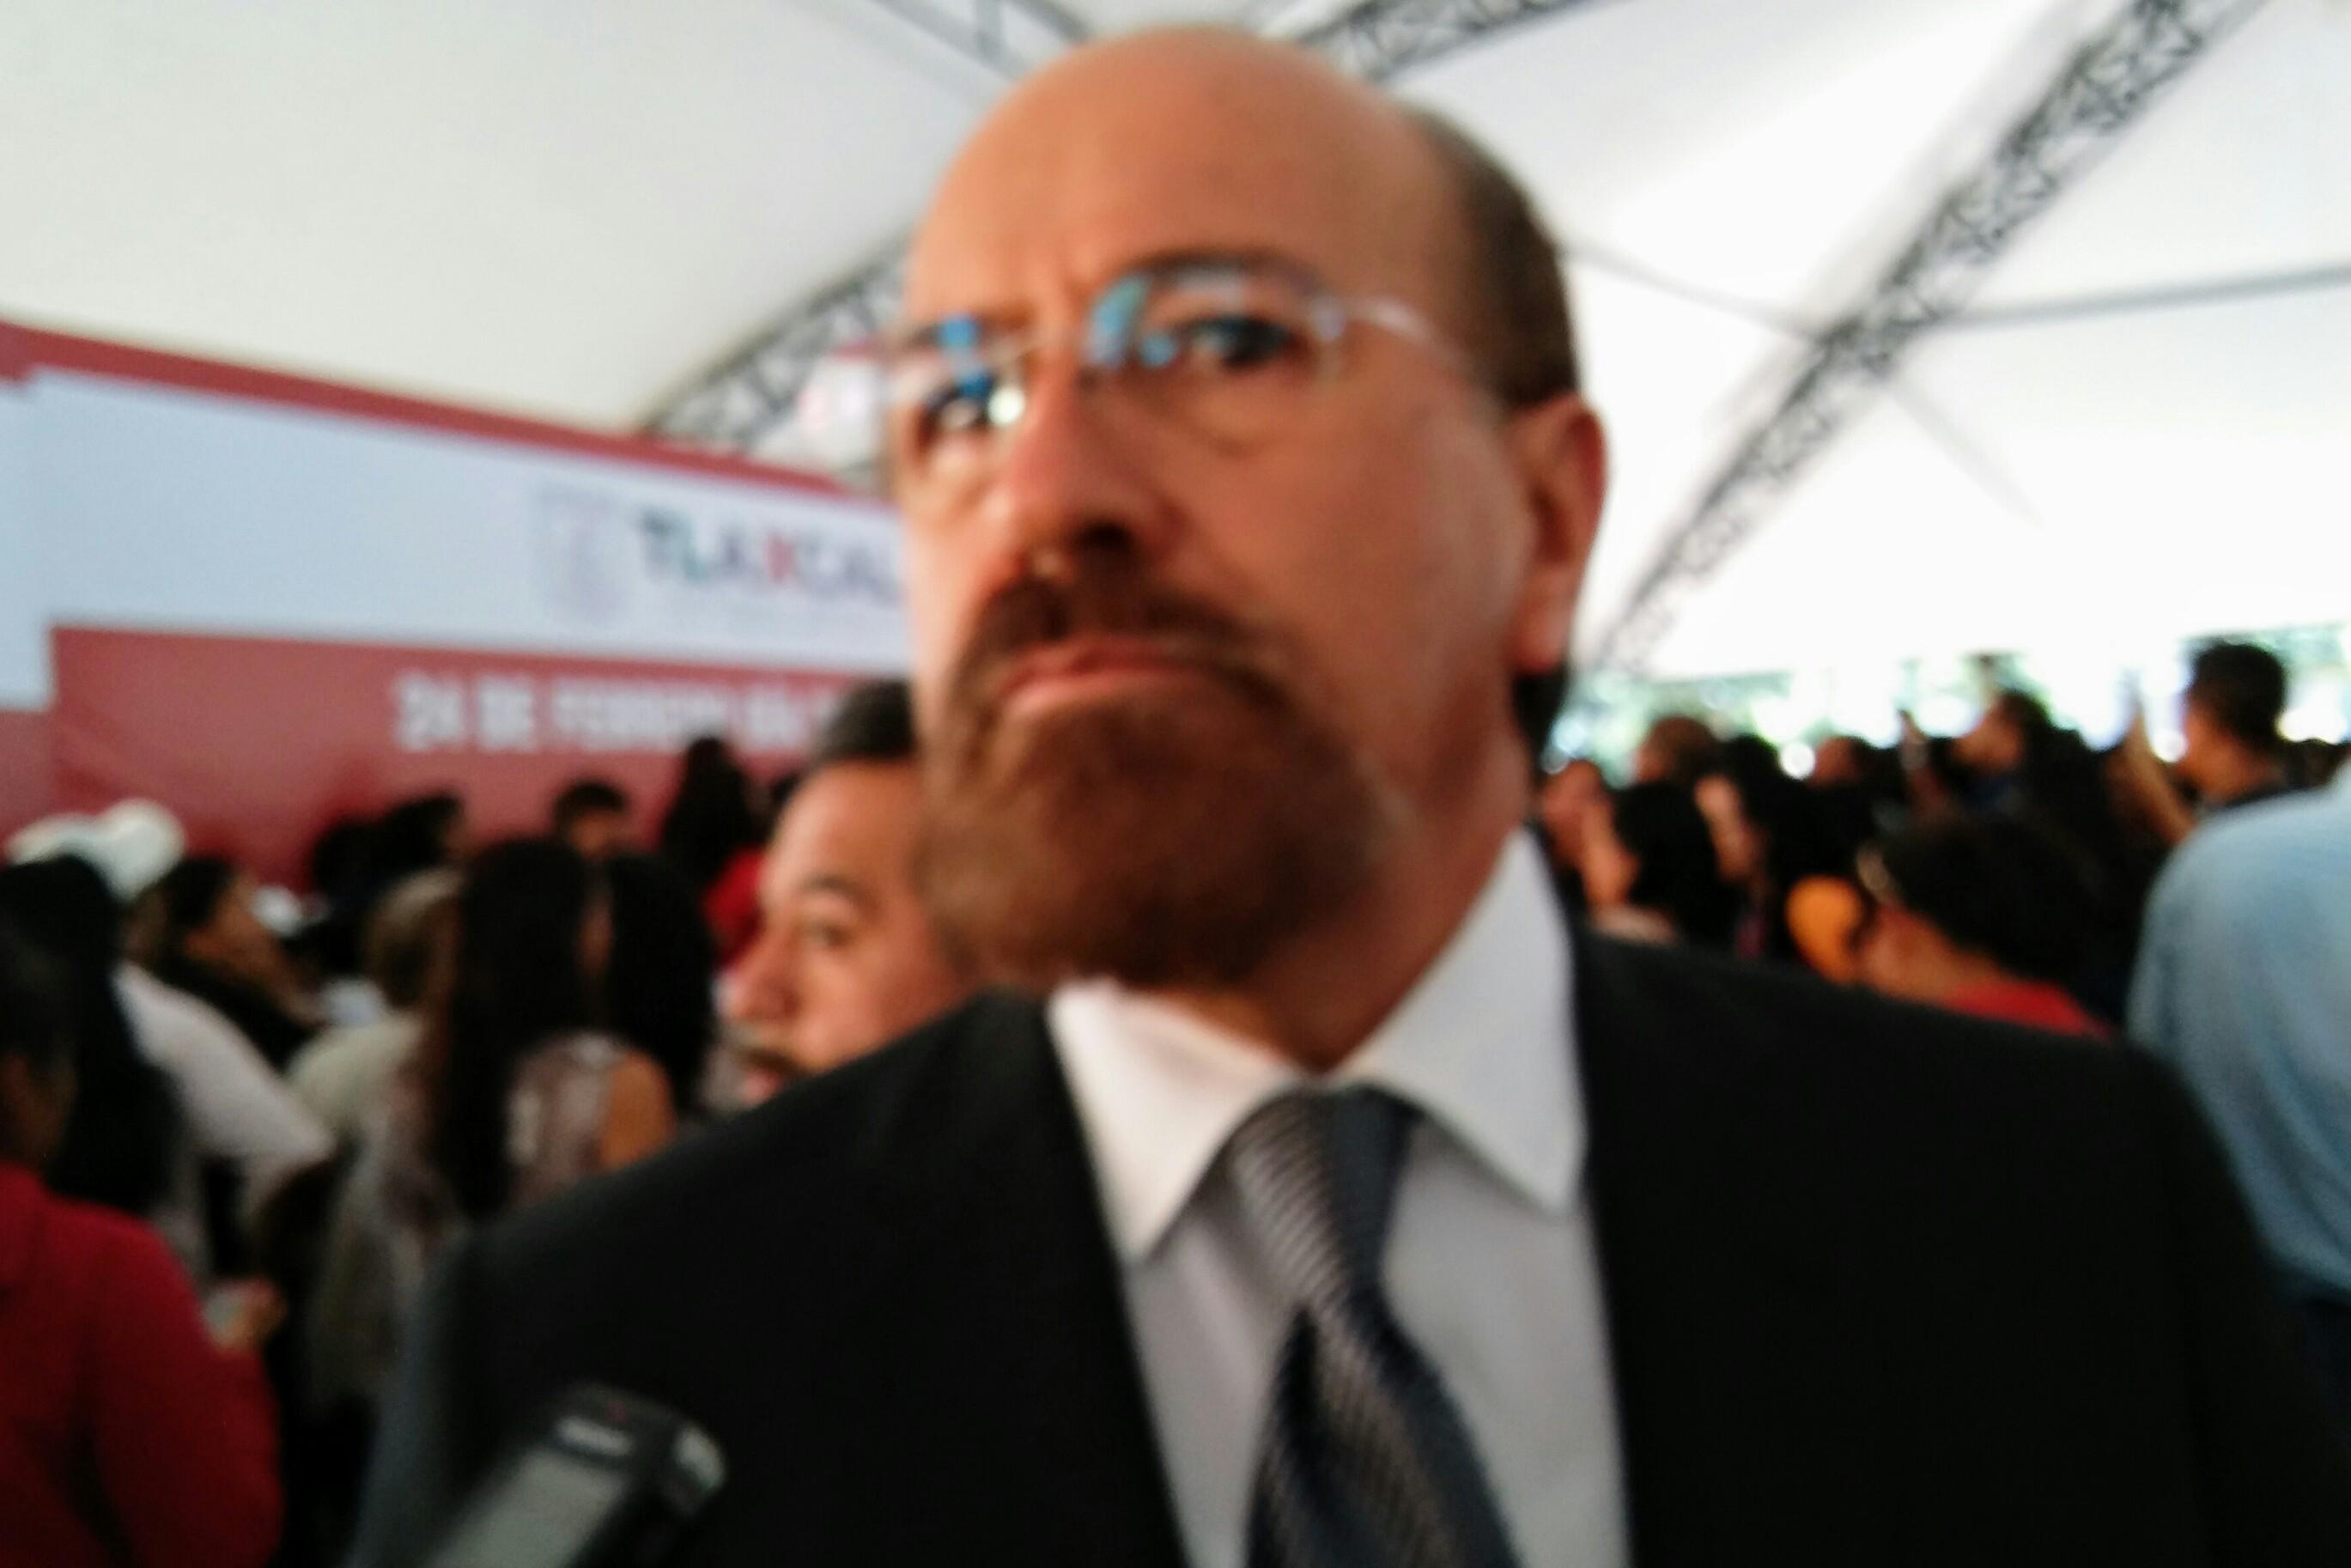 Delegado del INAH se pone bozal y evita hablar con la prensa